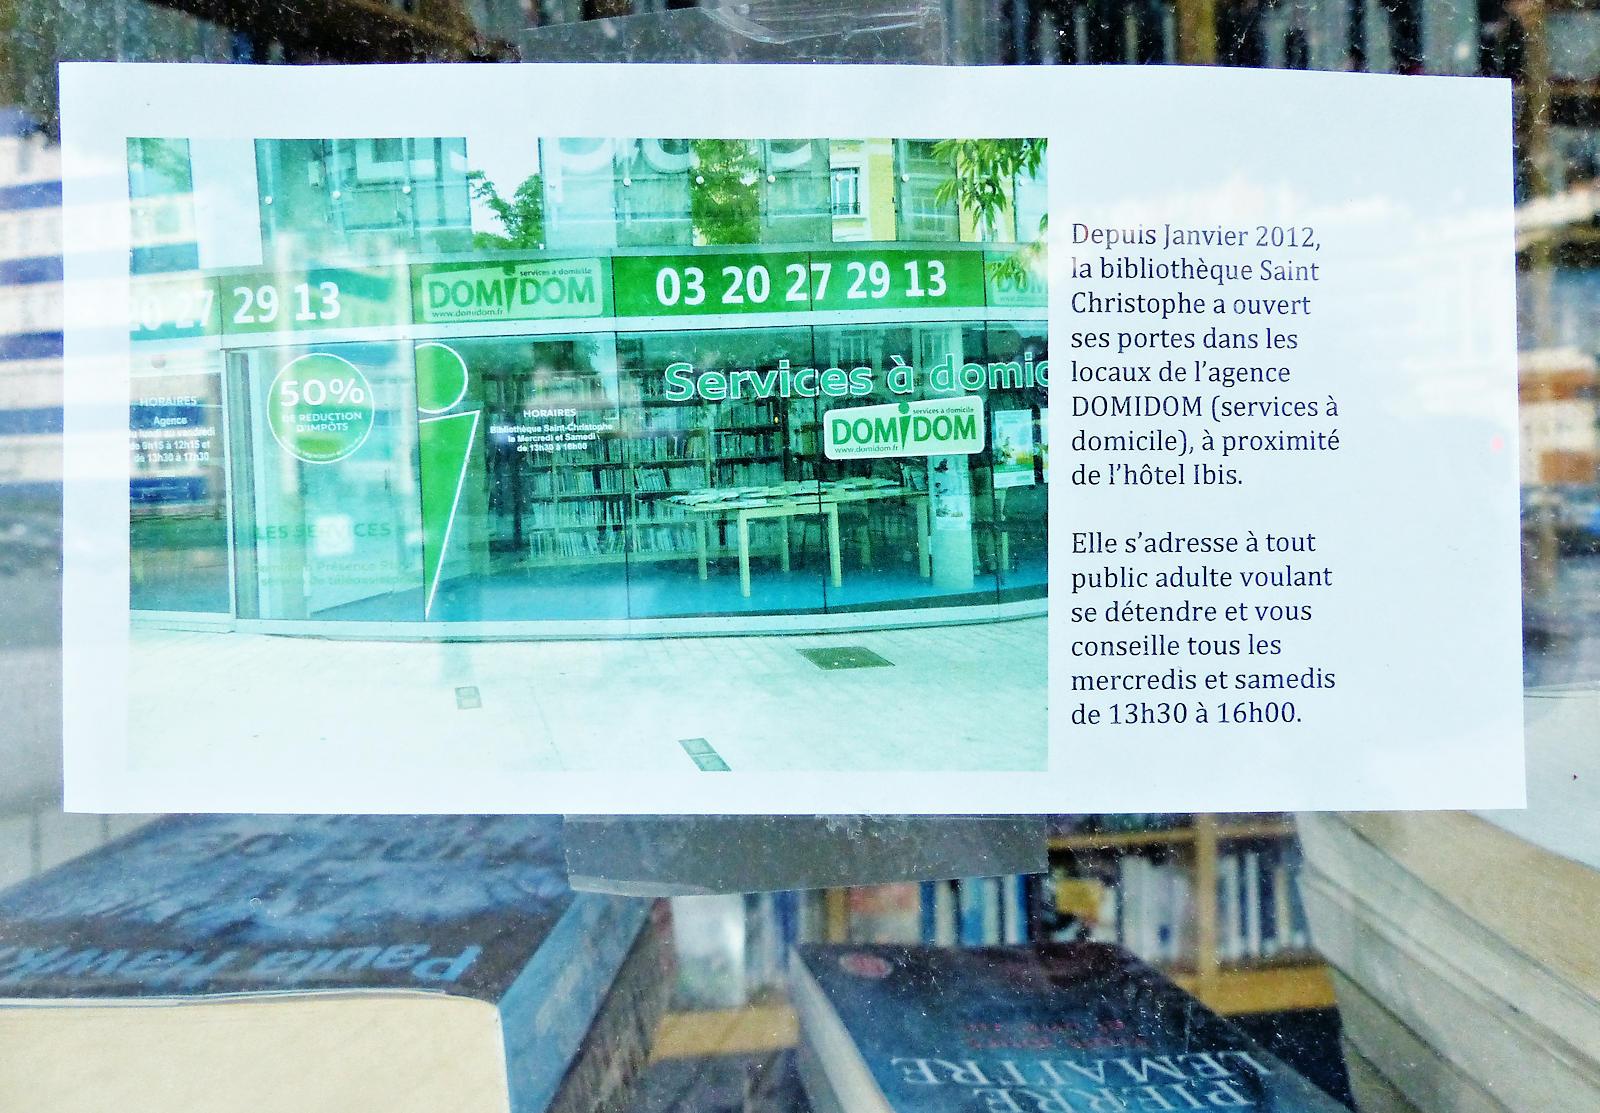 Bibliothèque Saint Christophe, Tourcoing - Locaux Domidom.